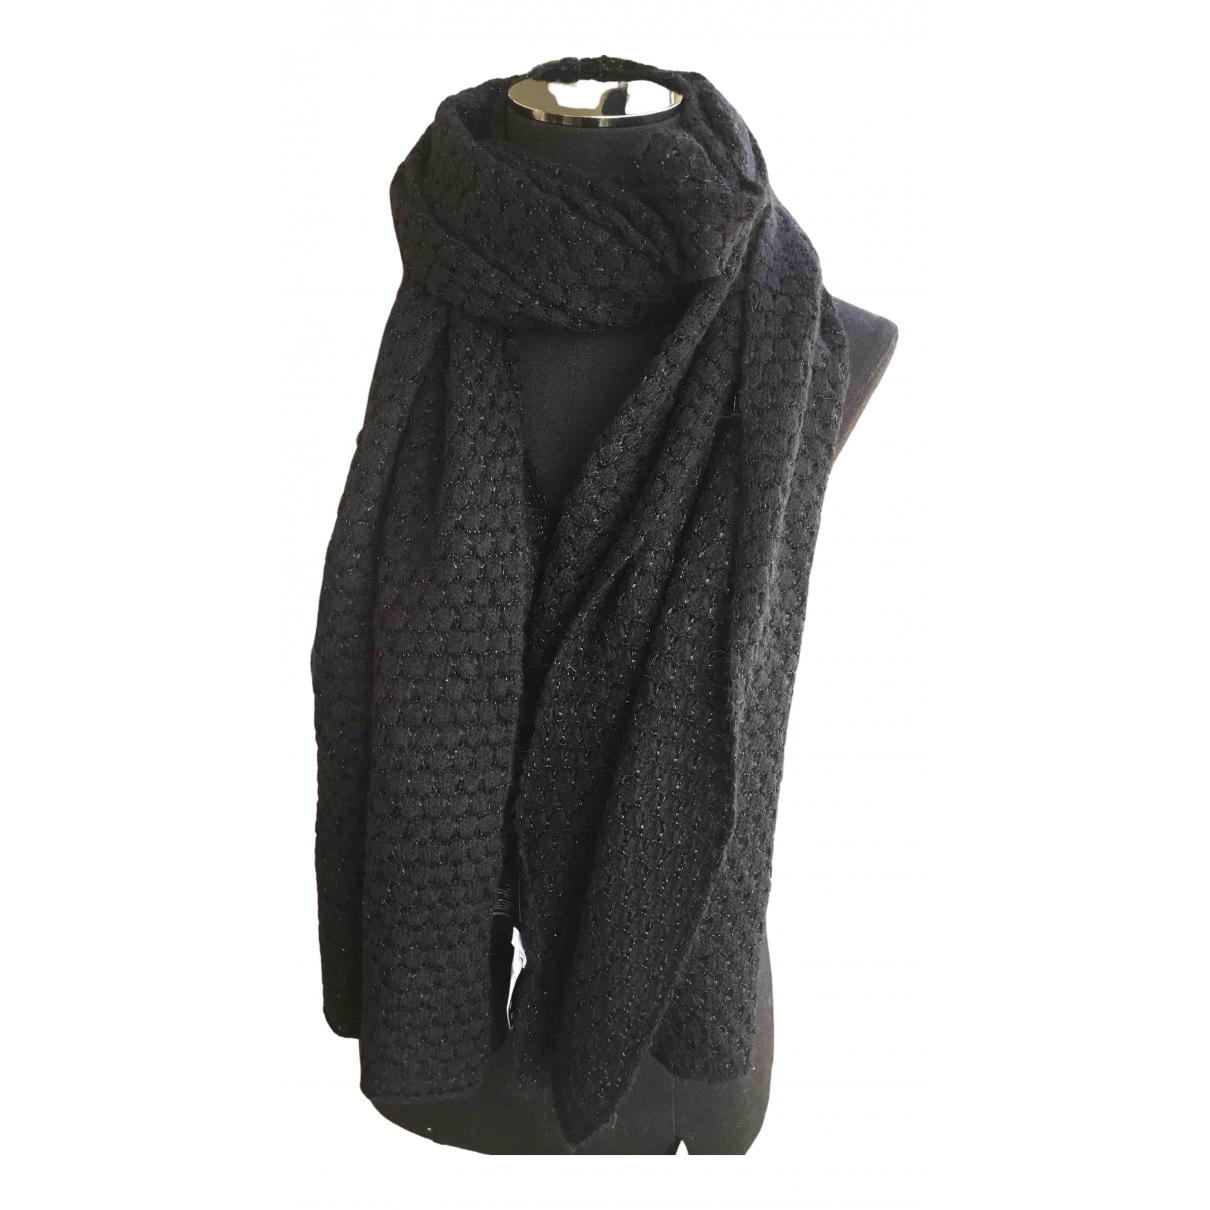 Sandro Spring Summer 2020 Black scarf for Women \N